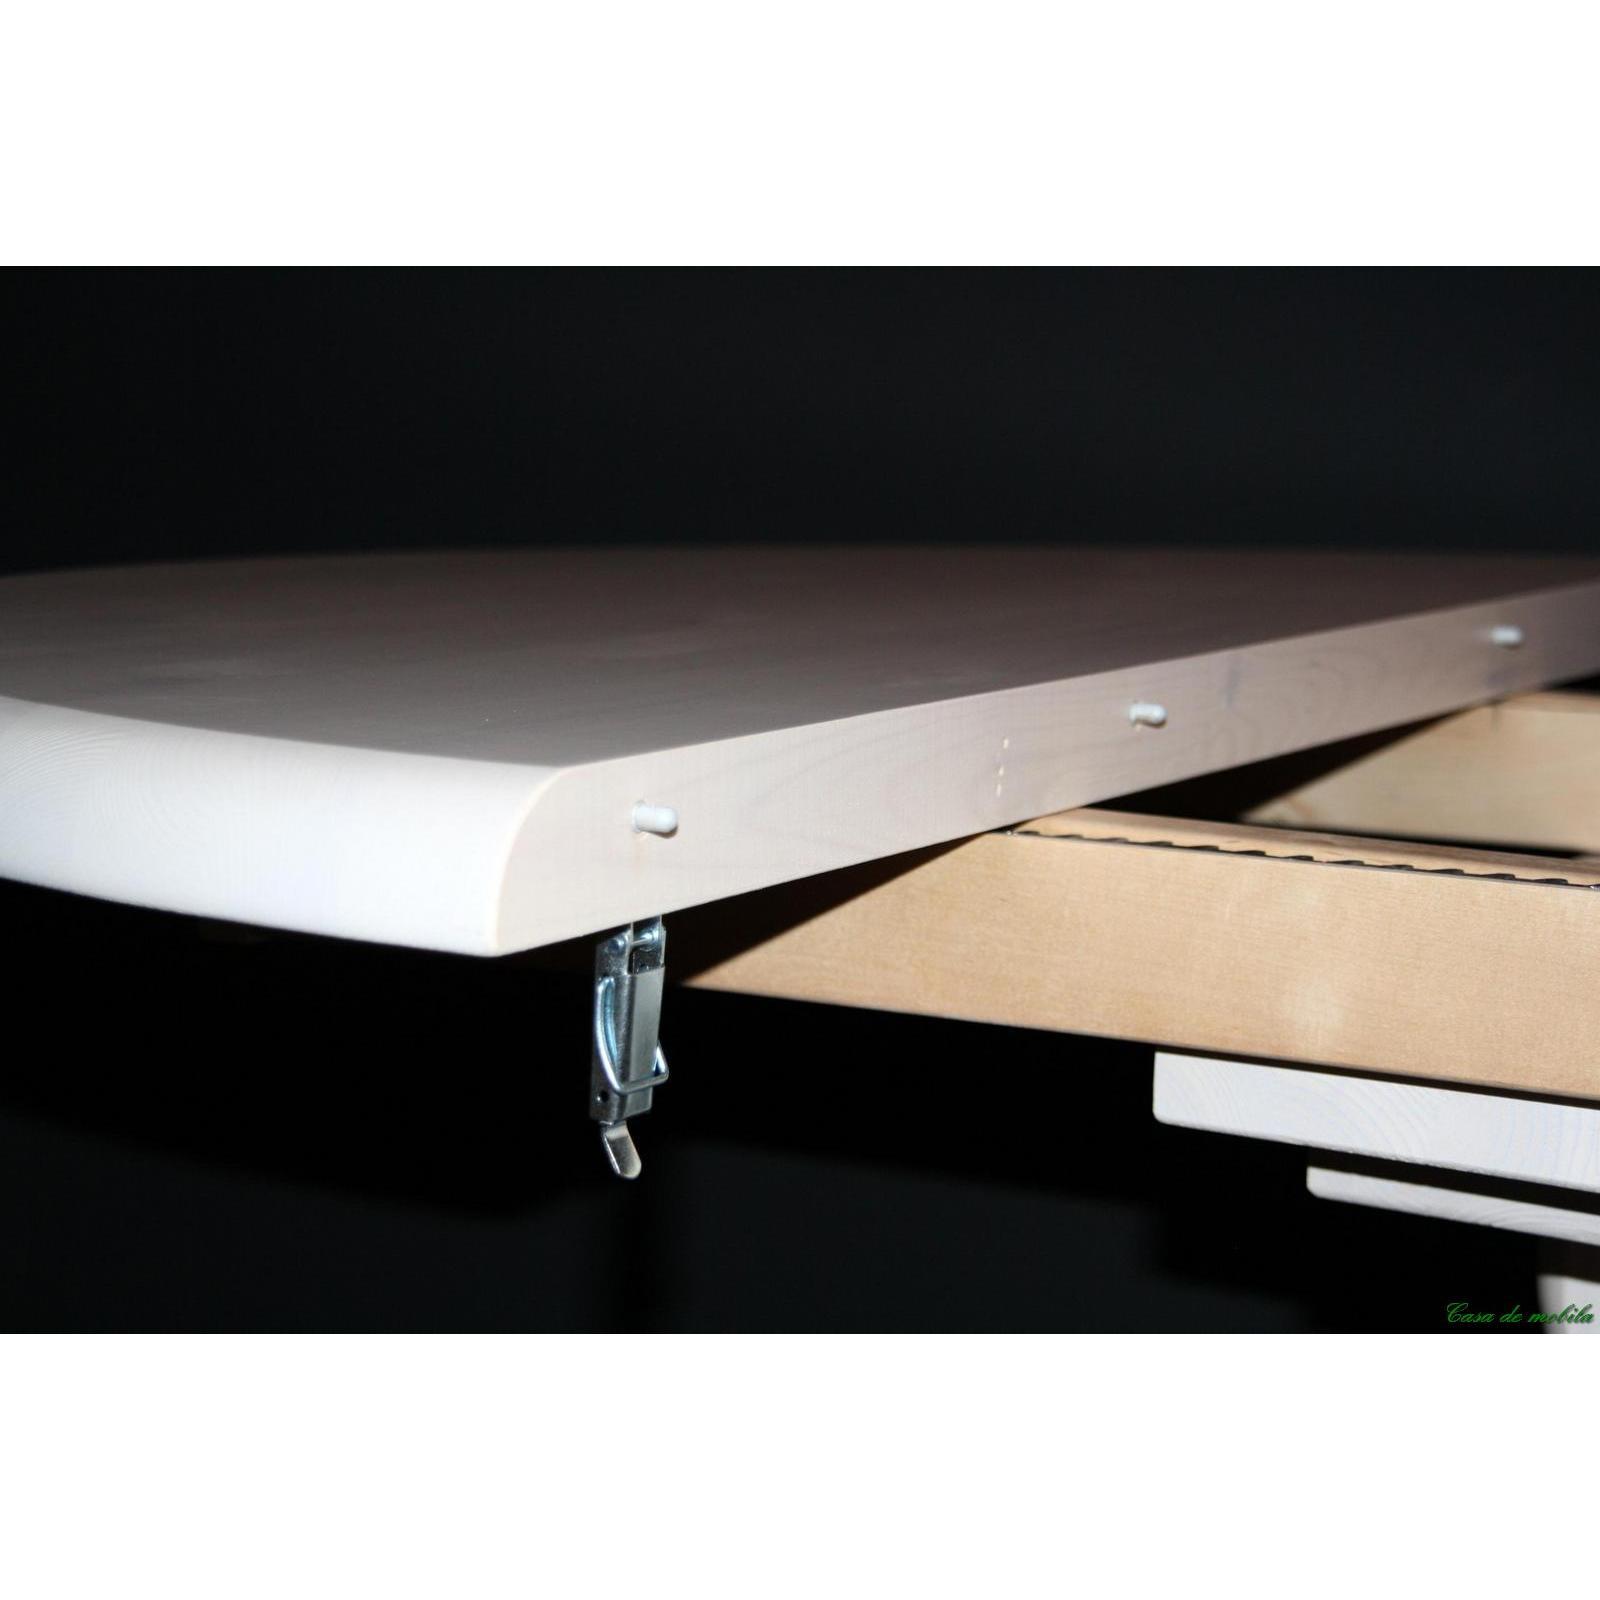 esstisch rund holz weiss massivholz esstisch rund. Black Bedroom Furniture Sets. Home Design Ideas